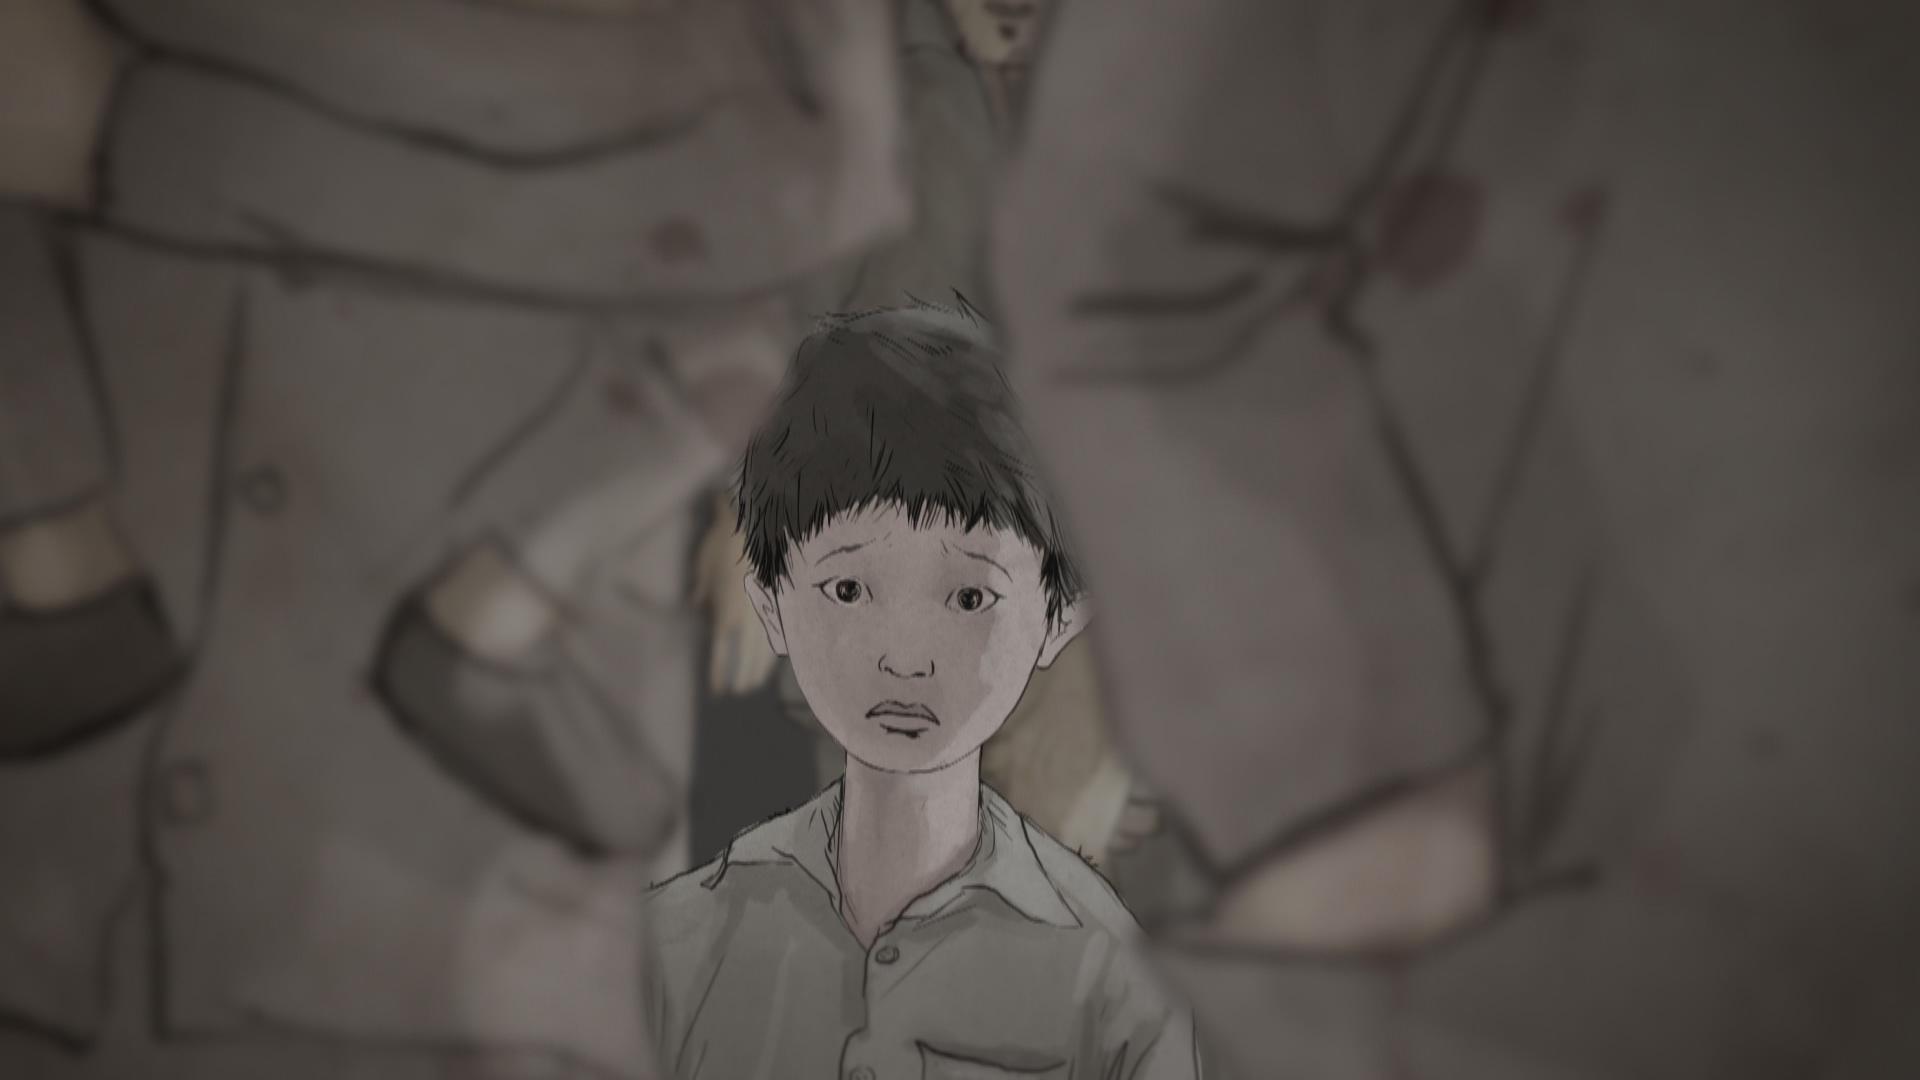 朝鮮 公開 処刑 北